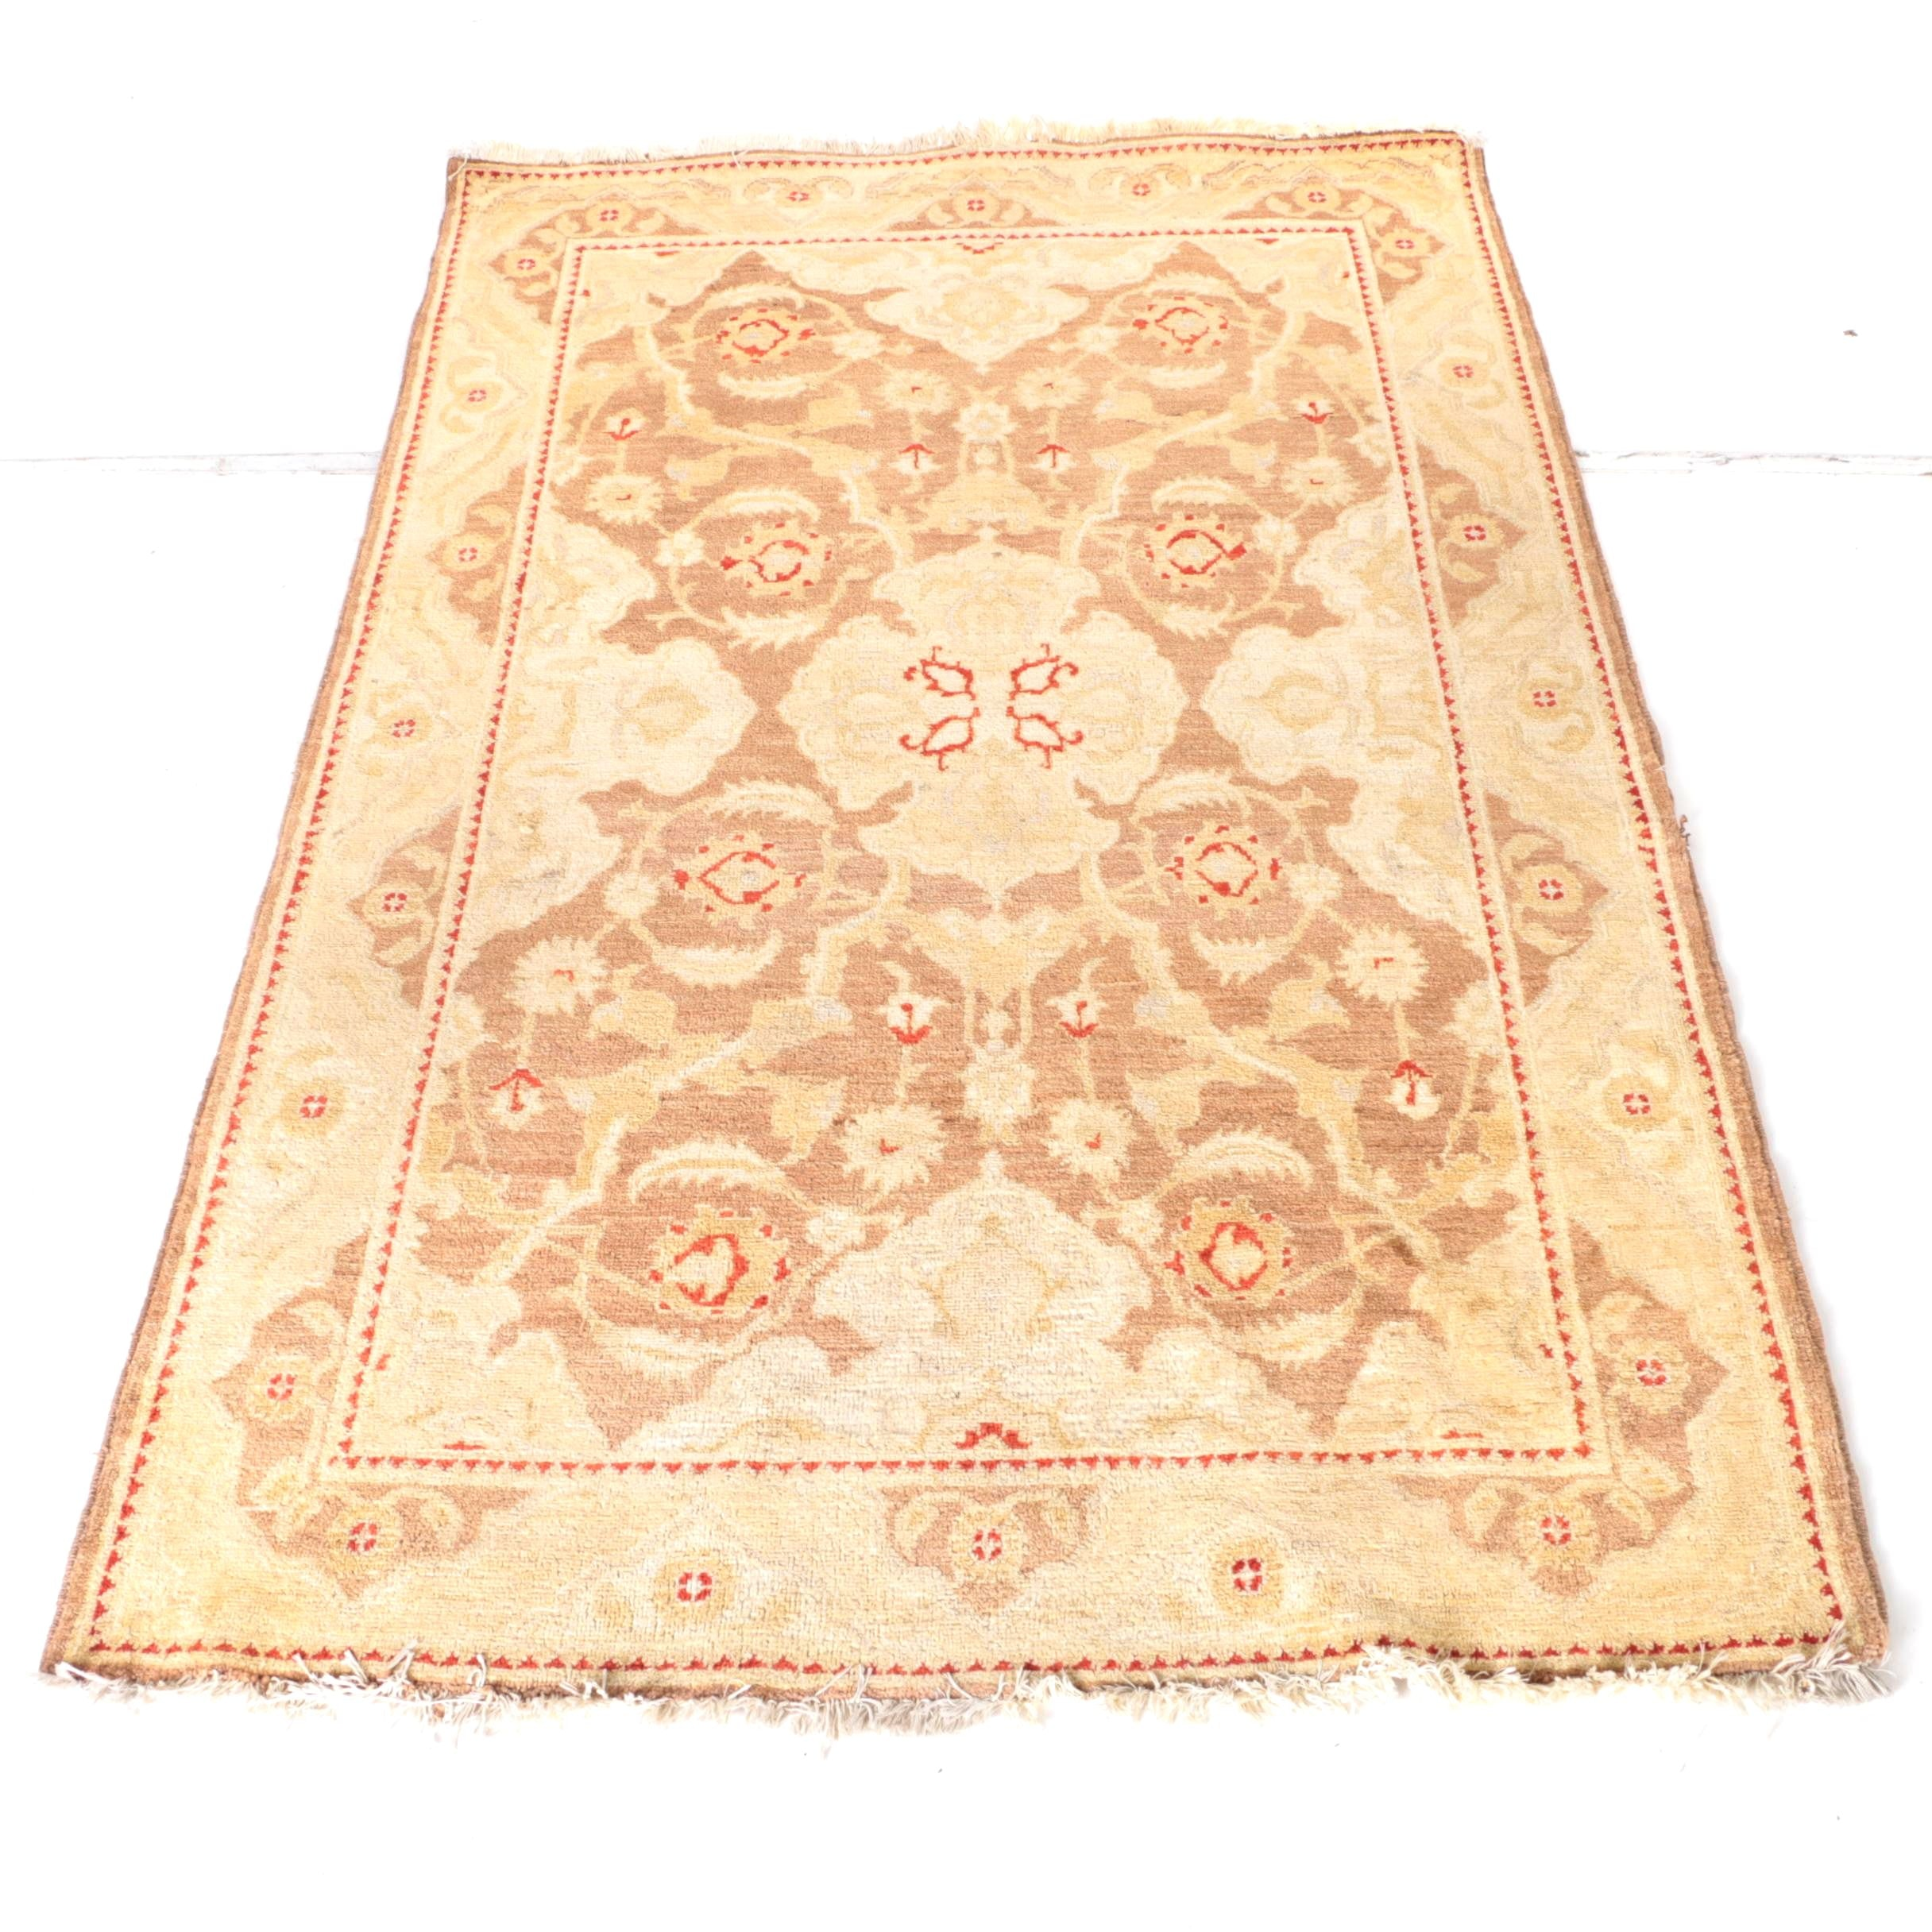 Vintage Hand-Knotted Safavieh Wool Area Rug